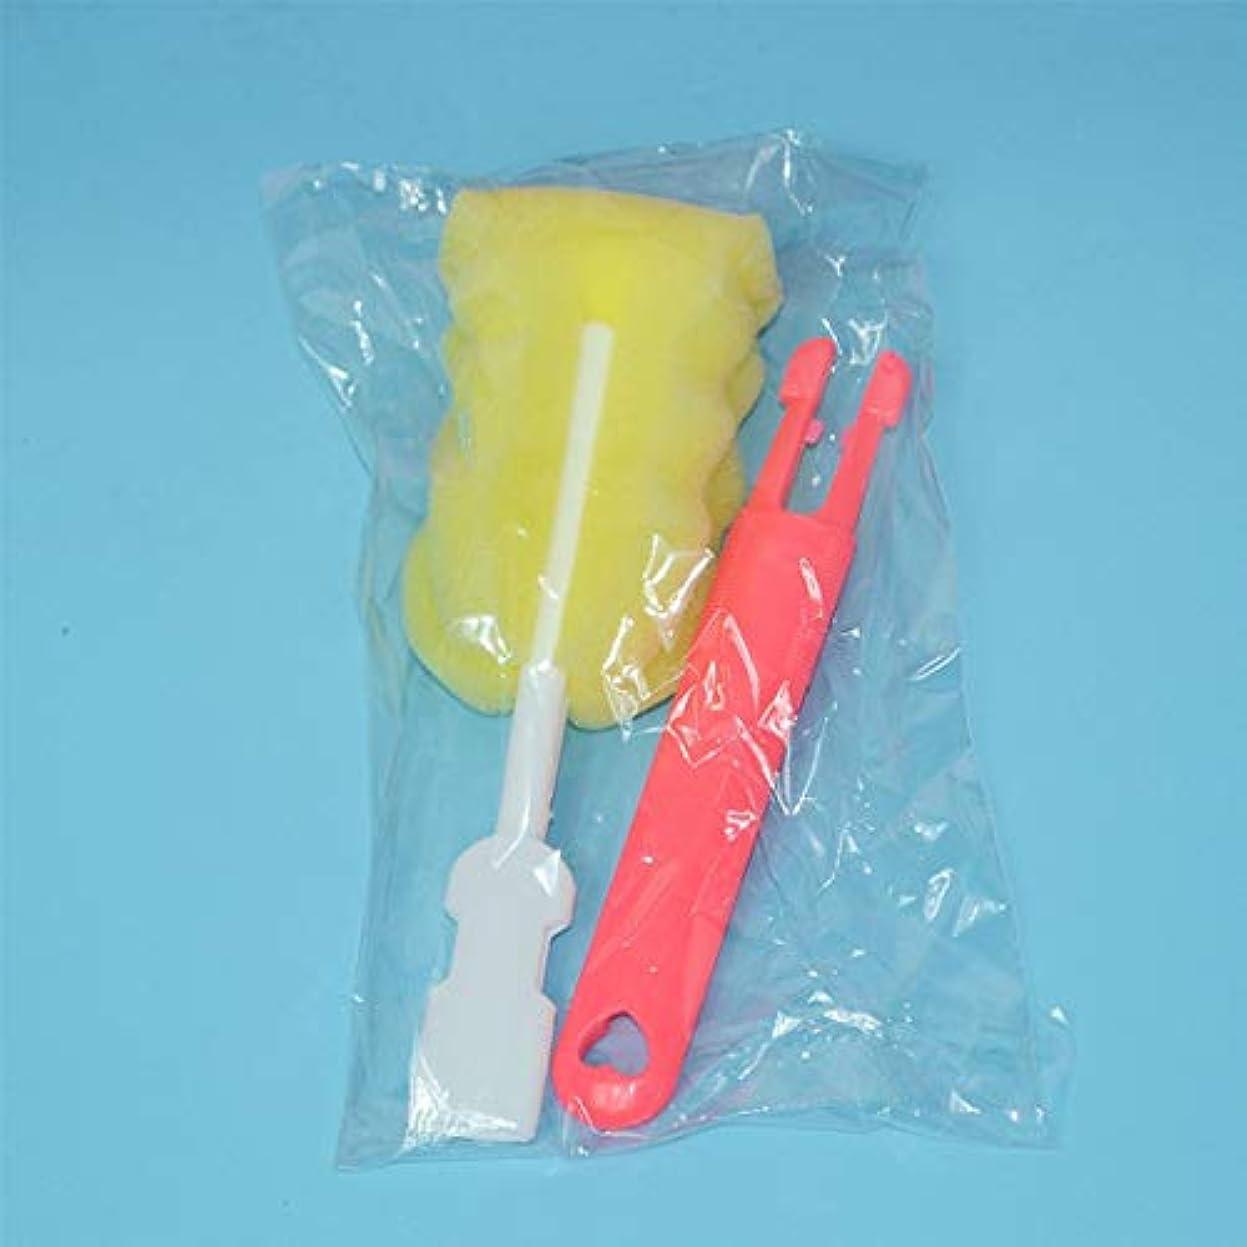 Swiftgood 取り外し可能な交換用ヘッドスポンジカップブラシ哺乳瓶クリーニングブラシ赤